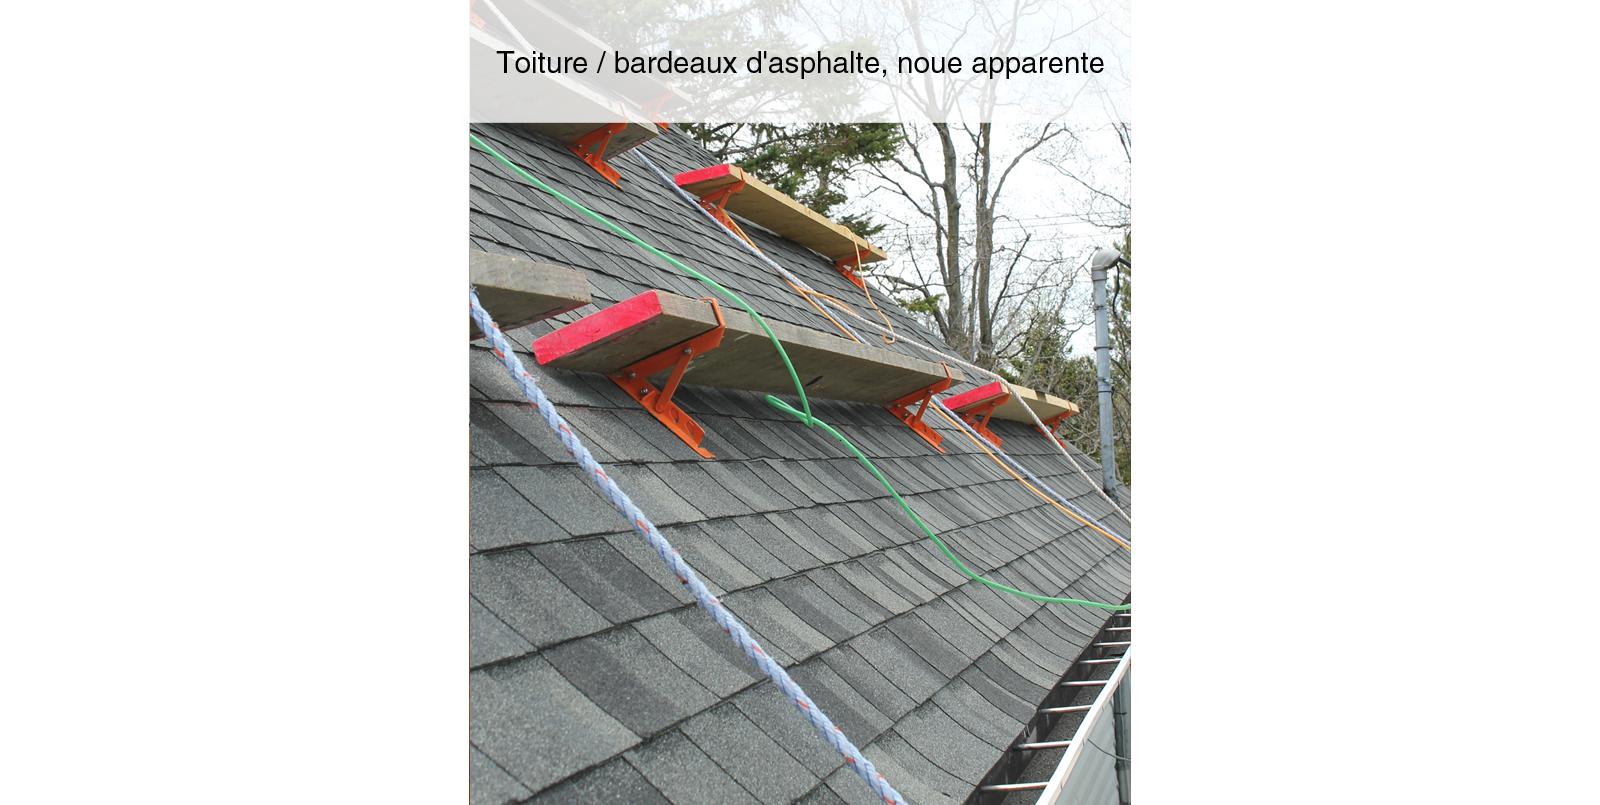 54-1-PANACHE-CONSTRUCTION-RENOVATION-TOITURE-BARDEAUX-ASPHALTE